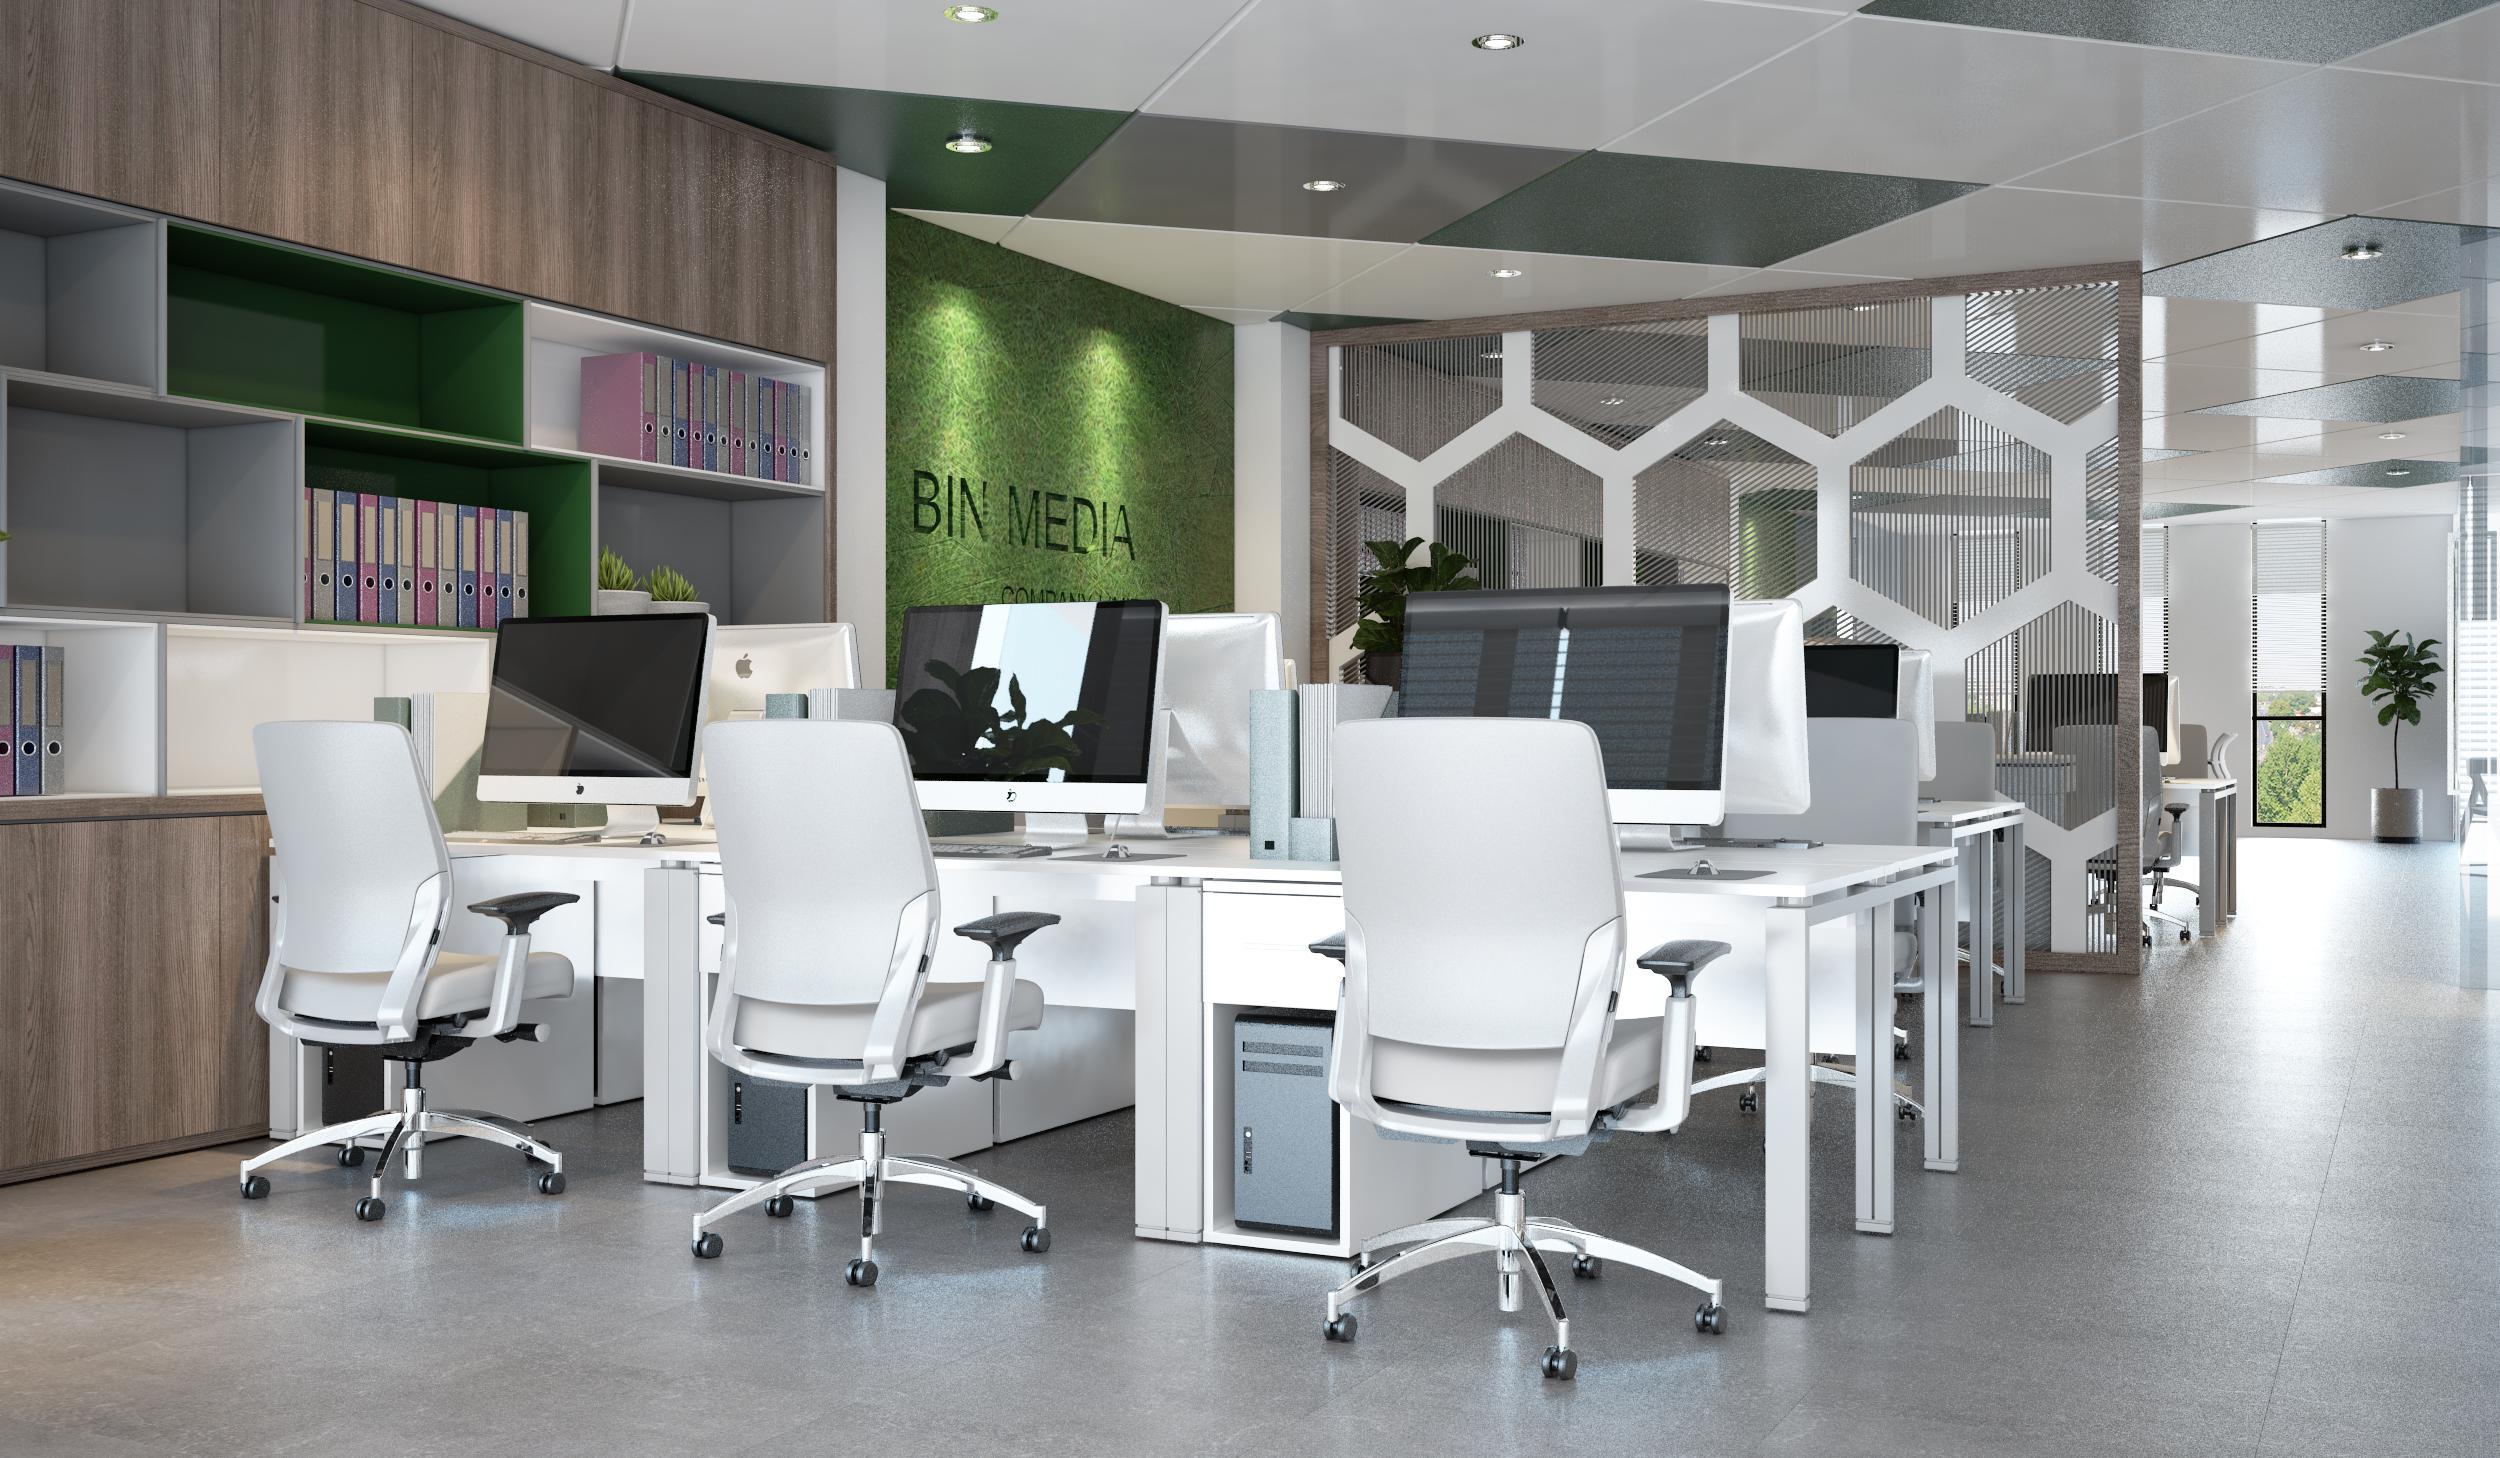 thiết kế nội thất Văn Phòng tại Hồ Chí Minh ASIA TRADE TOWER 7 1548399475